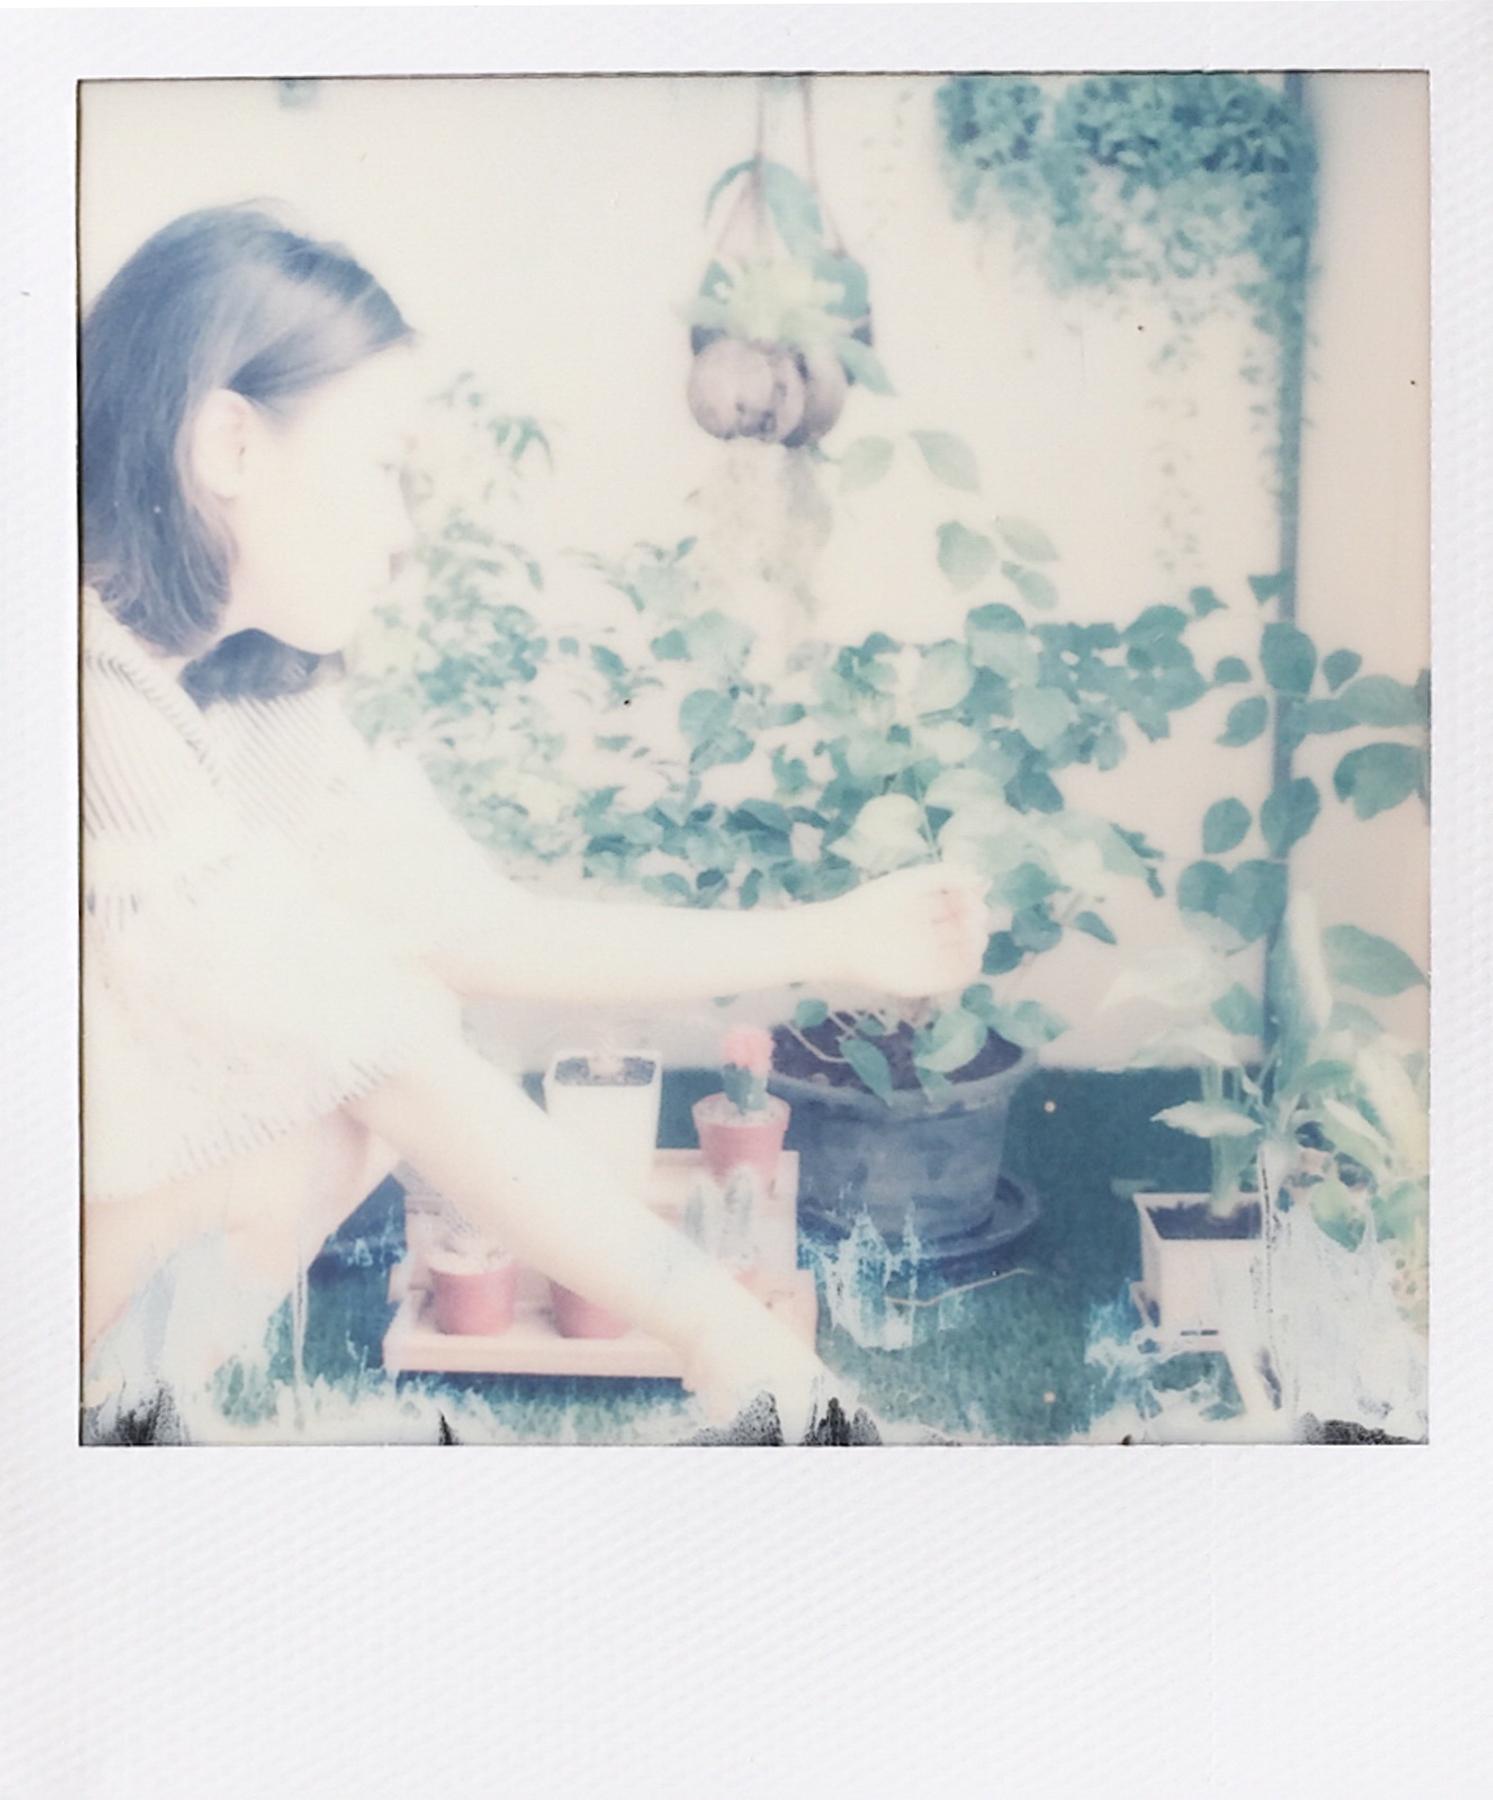 Garden | SX-70 | Sorana Kaewmaneechai